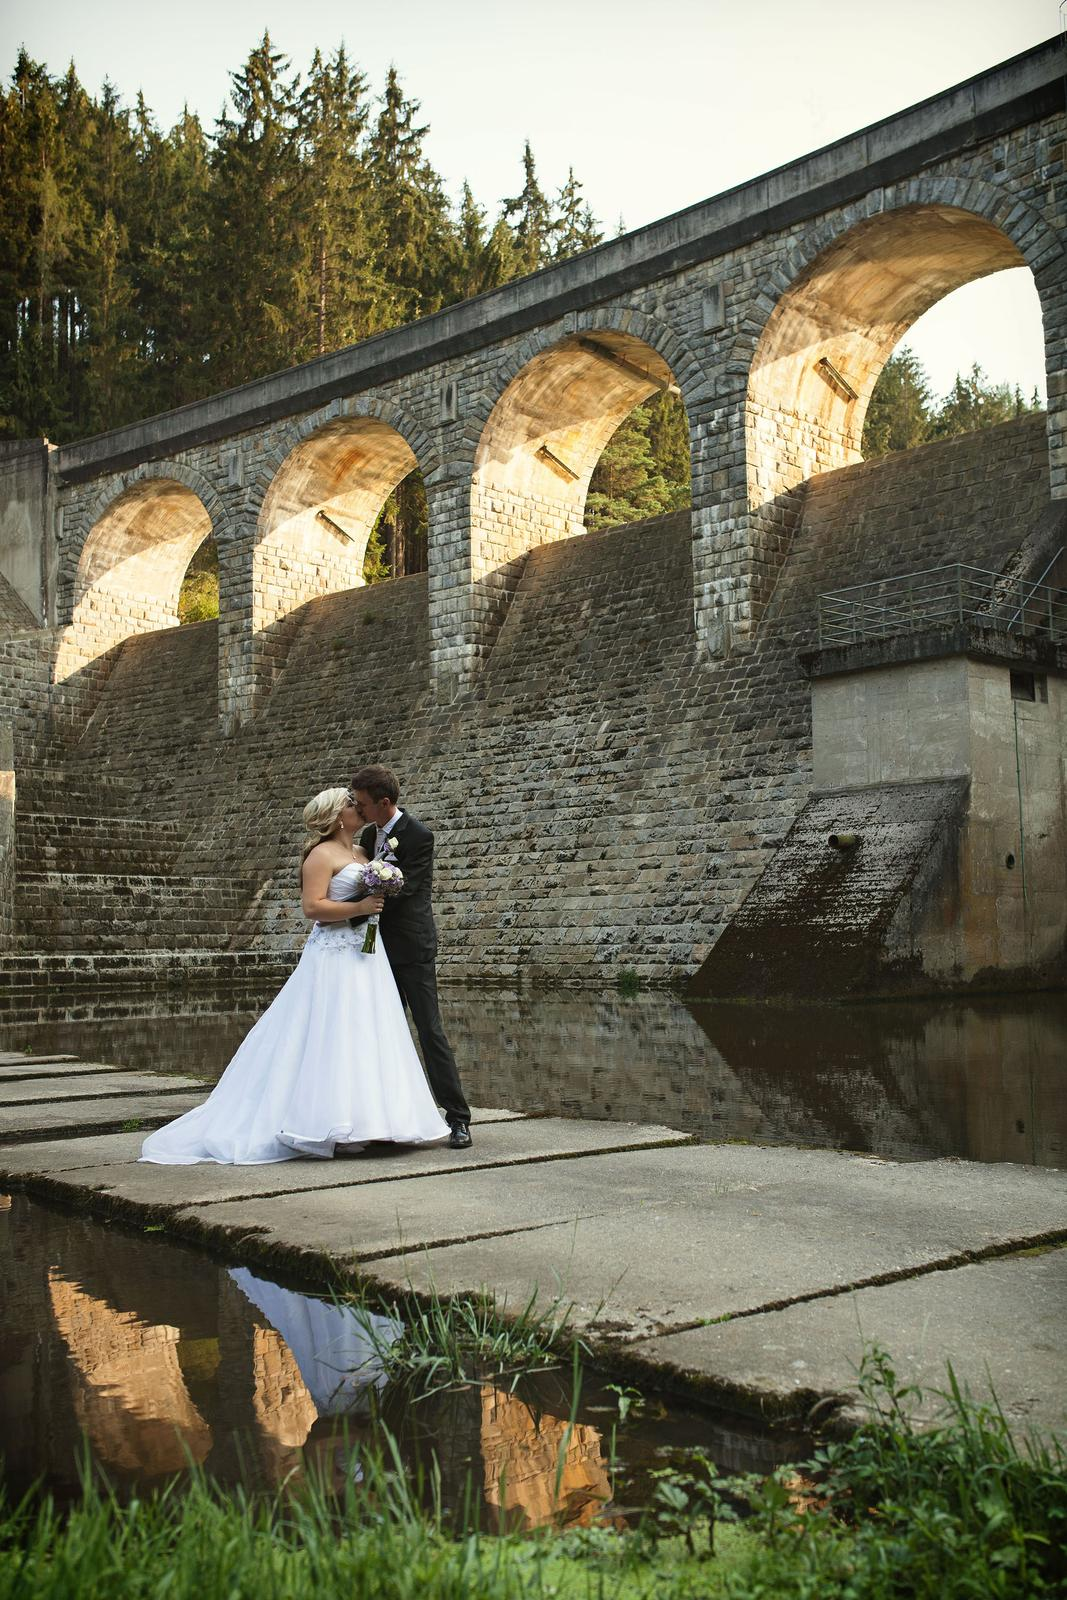 Dnes krásných 300 dní po svatbě a stále je na co vzpomínat! Pomalu začínáme plánovat oslavu našeho prvního výročí  a snažíme si užívat každou volnou chvíli spolu.....vědět, že život po svatbě je takhle skvělý, vdala jsem se už dřív :-) je to úžasný pocit, když víte, že ten váš je ten pravý :) - Obrázek č. 3